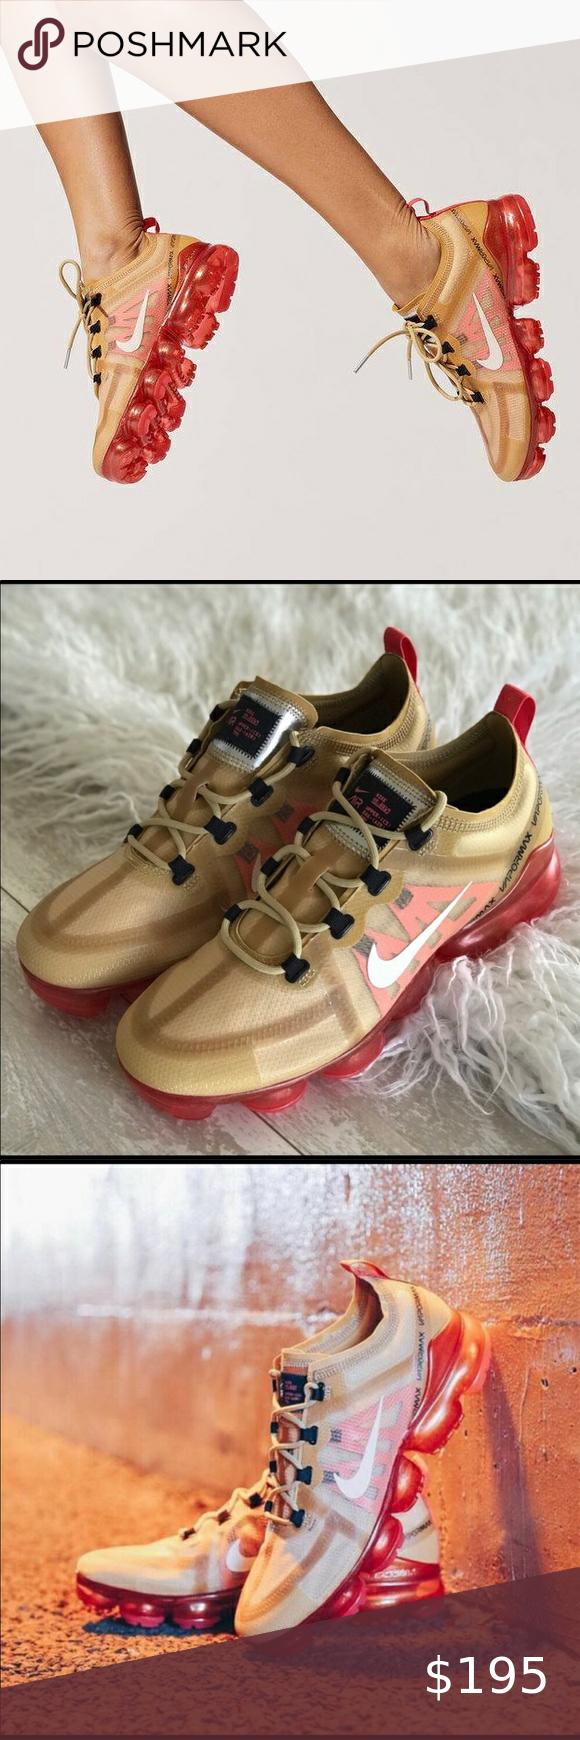 NWT Nike Air Vapormax 2019 Gold in 2020 Nike air